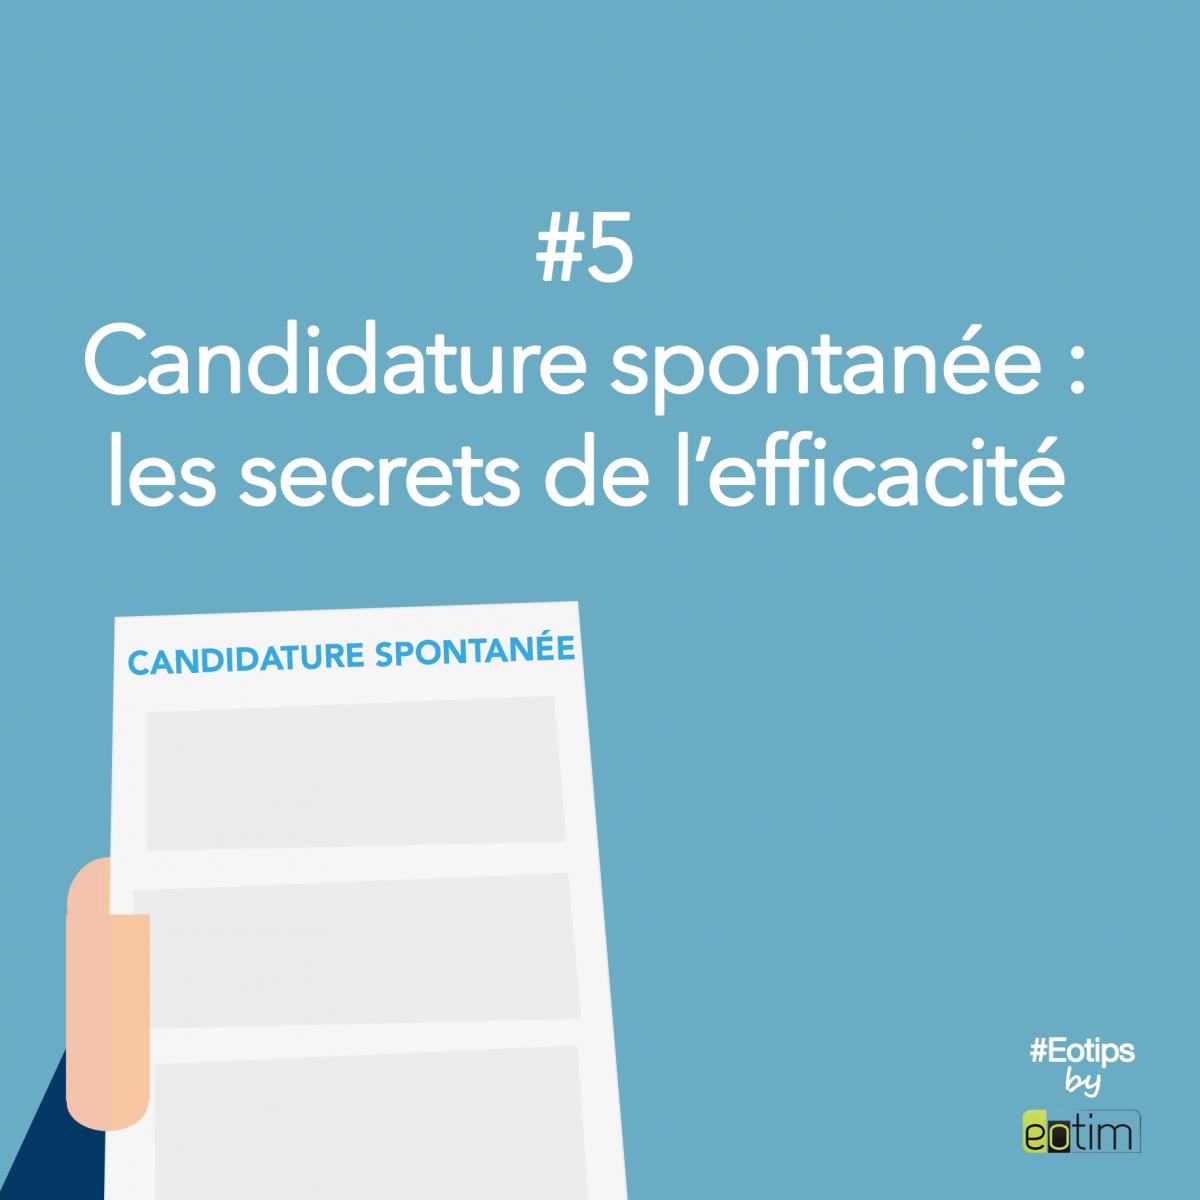 Eotips #5 : Candidature spontanée : les secrets de l'efficacité